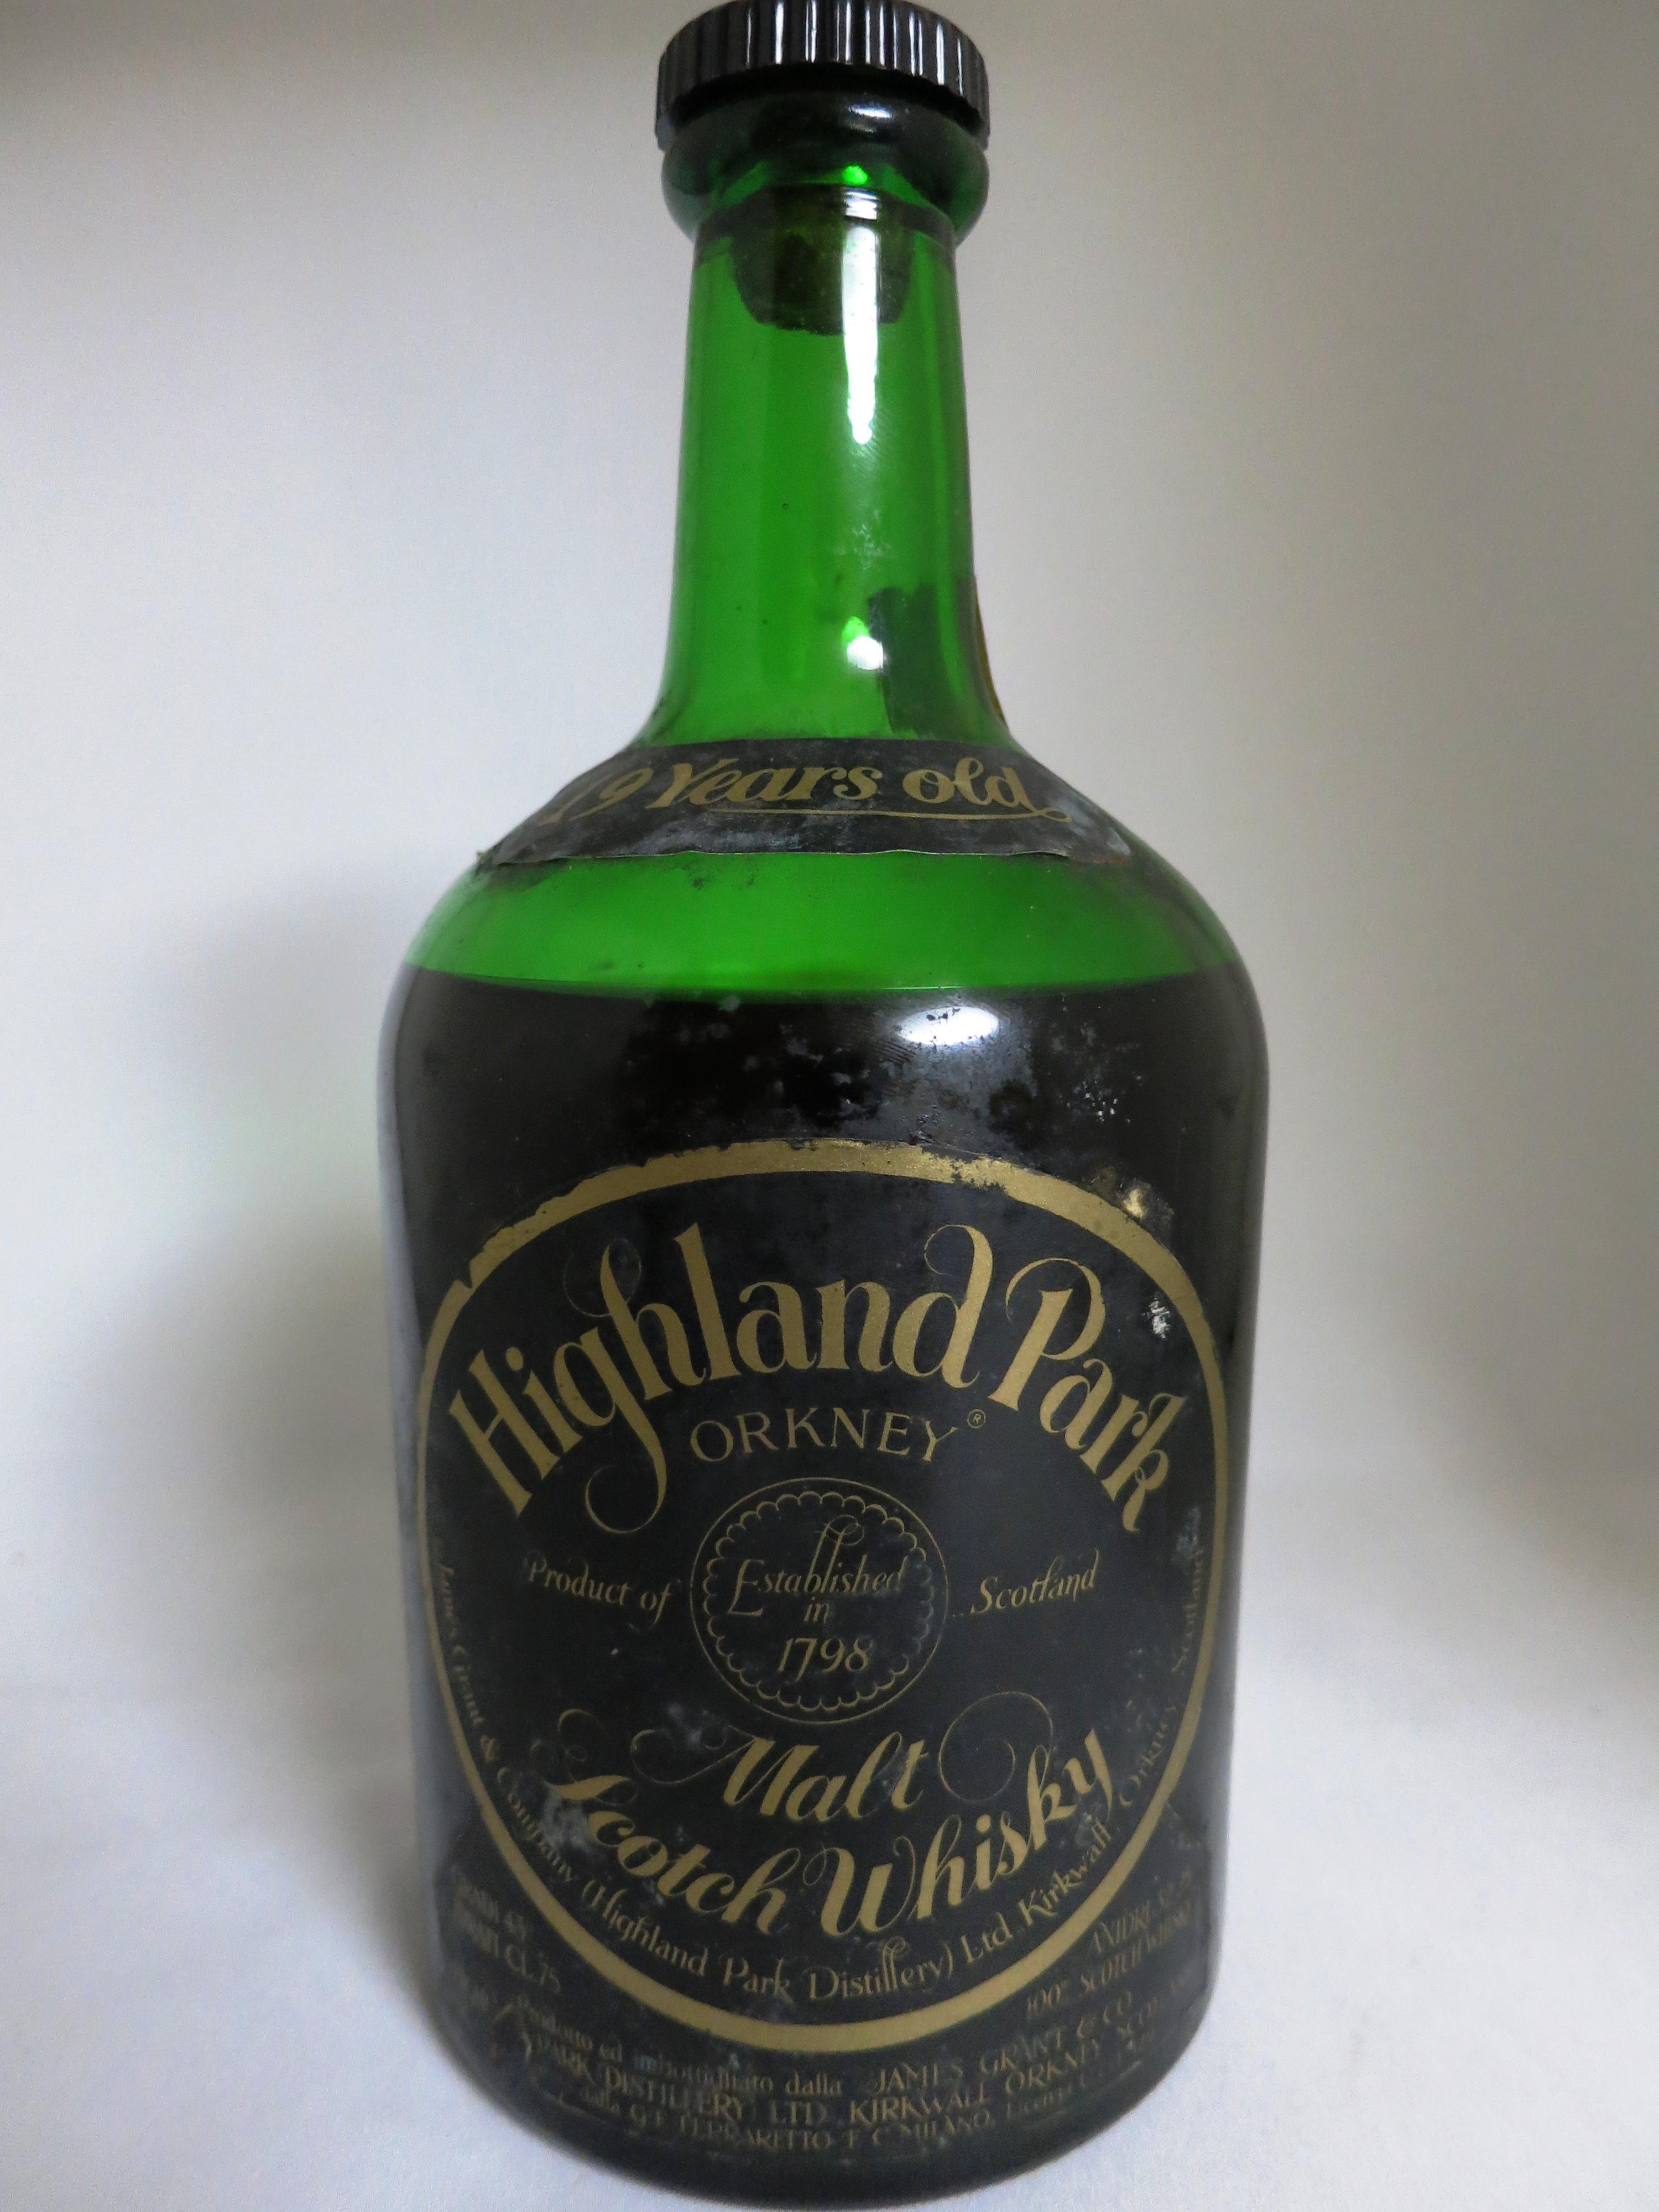 ハイランドパーク Highland Park 19yo  (43%, OB, James Grant, Green dumpy, black label, 75cl)